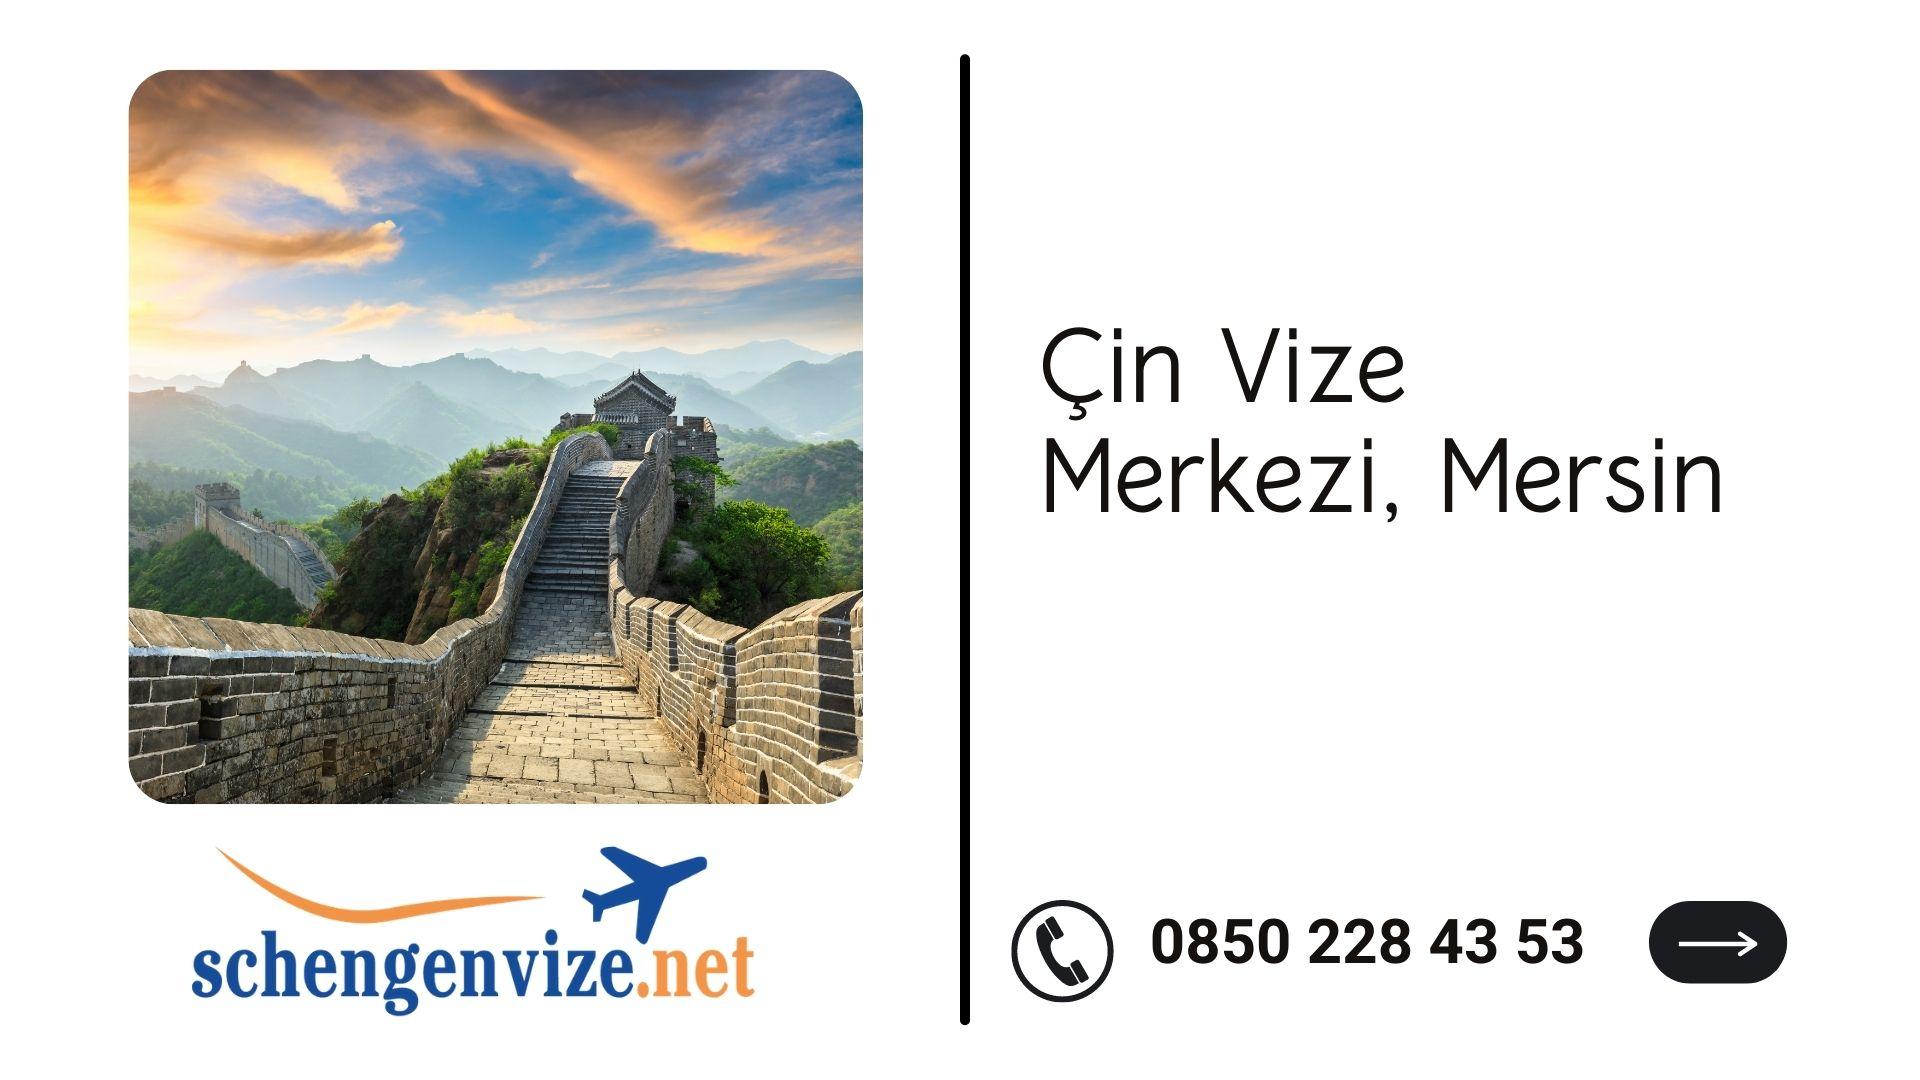 Çin Vize Merkezi, Mersin